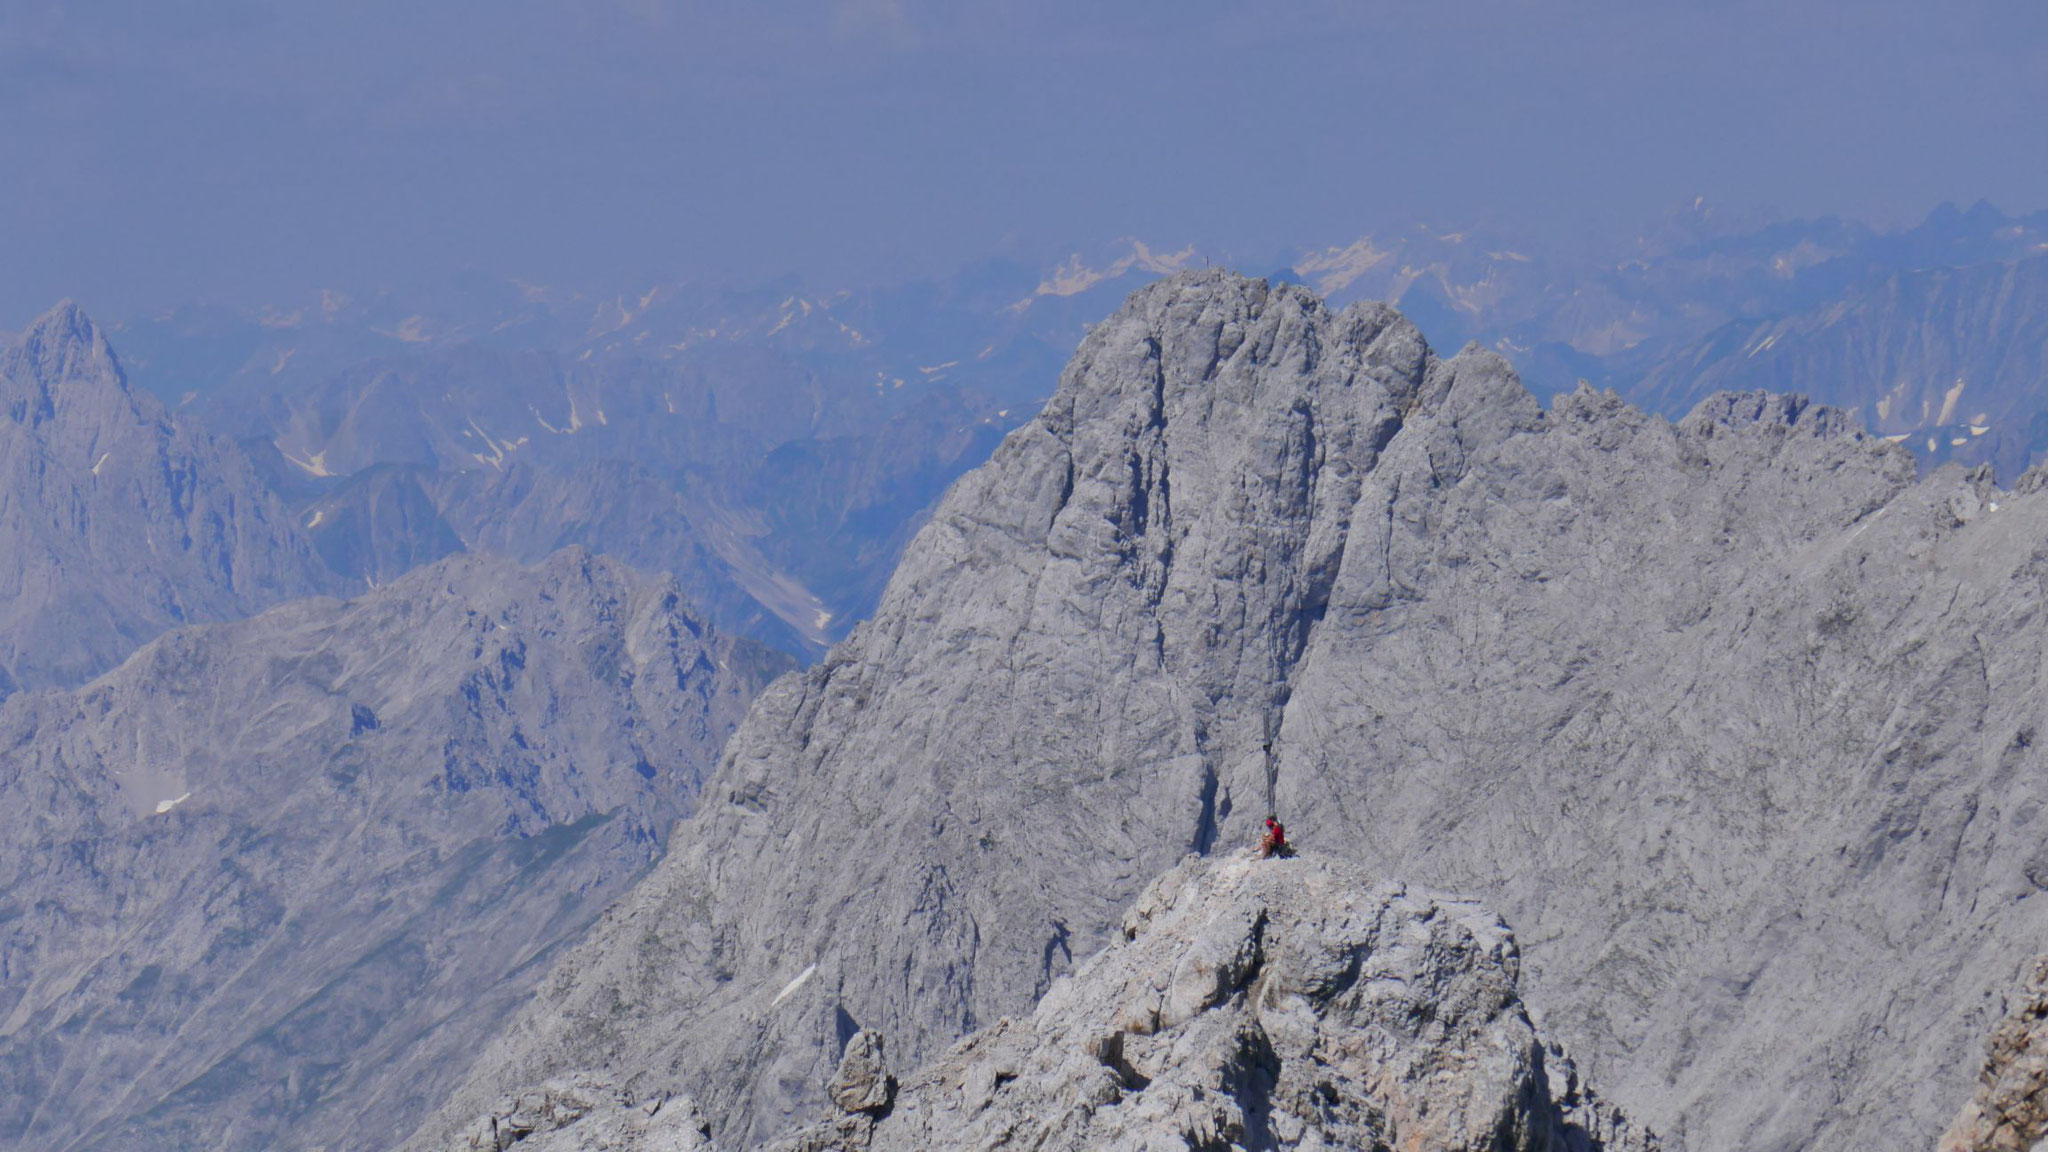 Bergsteiger am Westgipfel, dahinter die Westl. Griesspitze